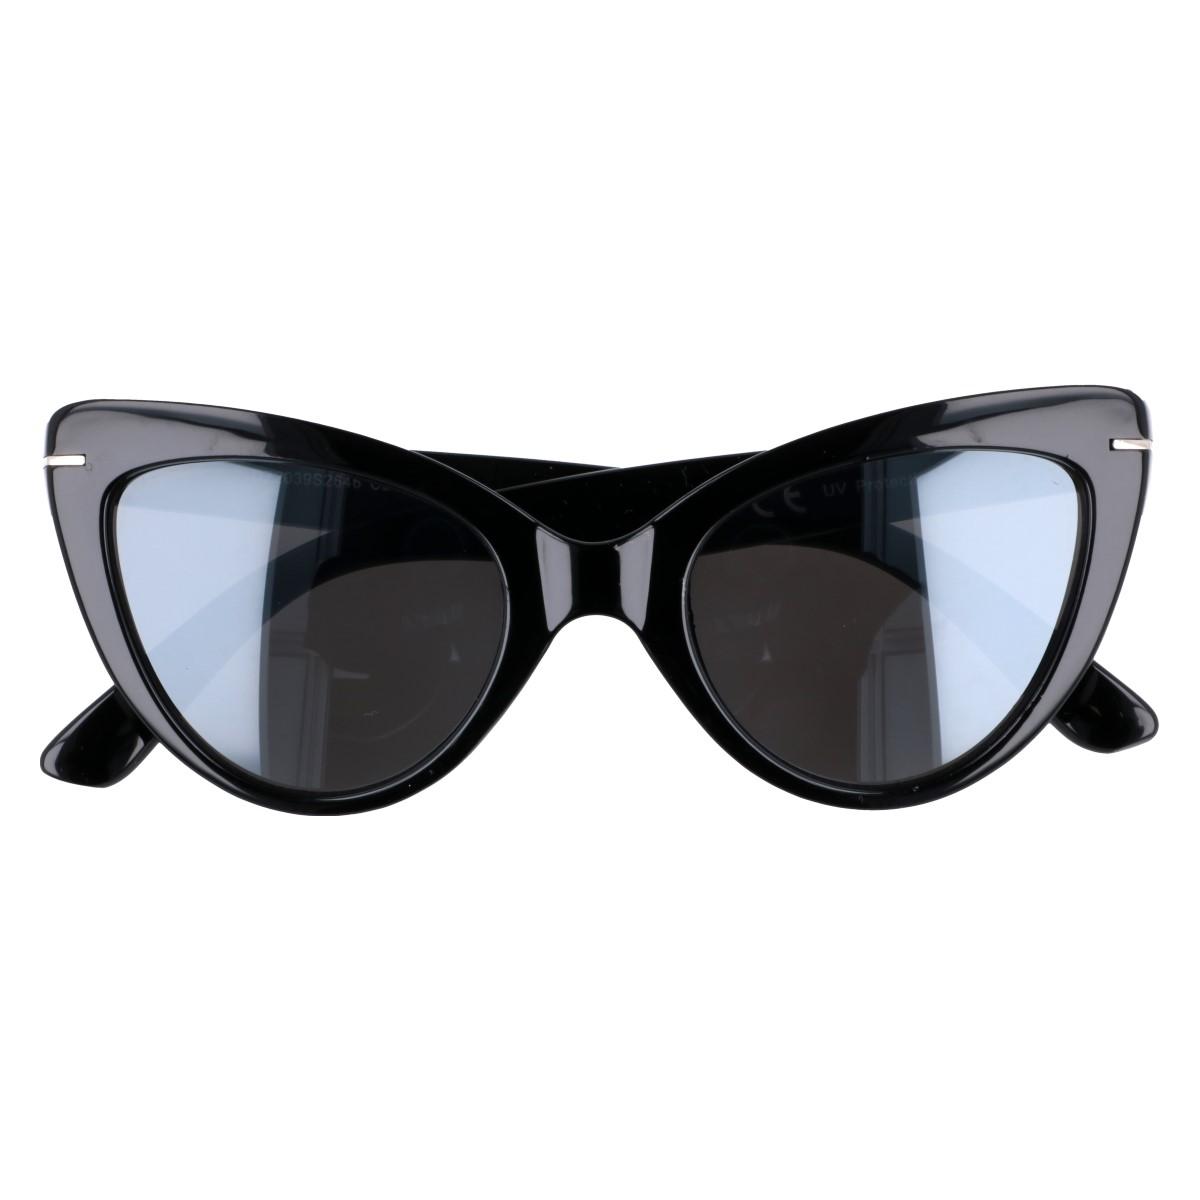 Okulary damskie kocie oczy KIRA